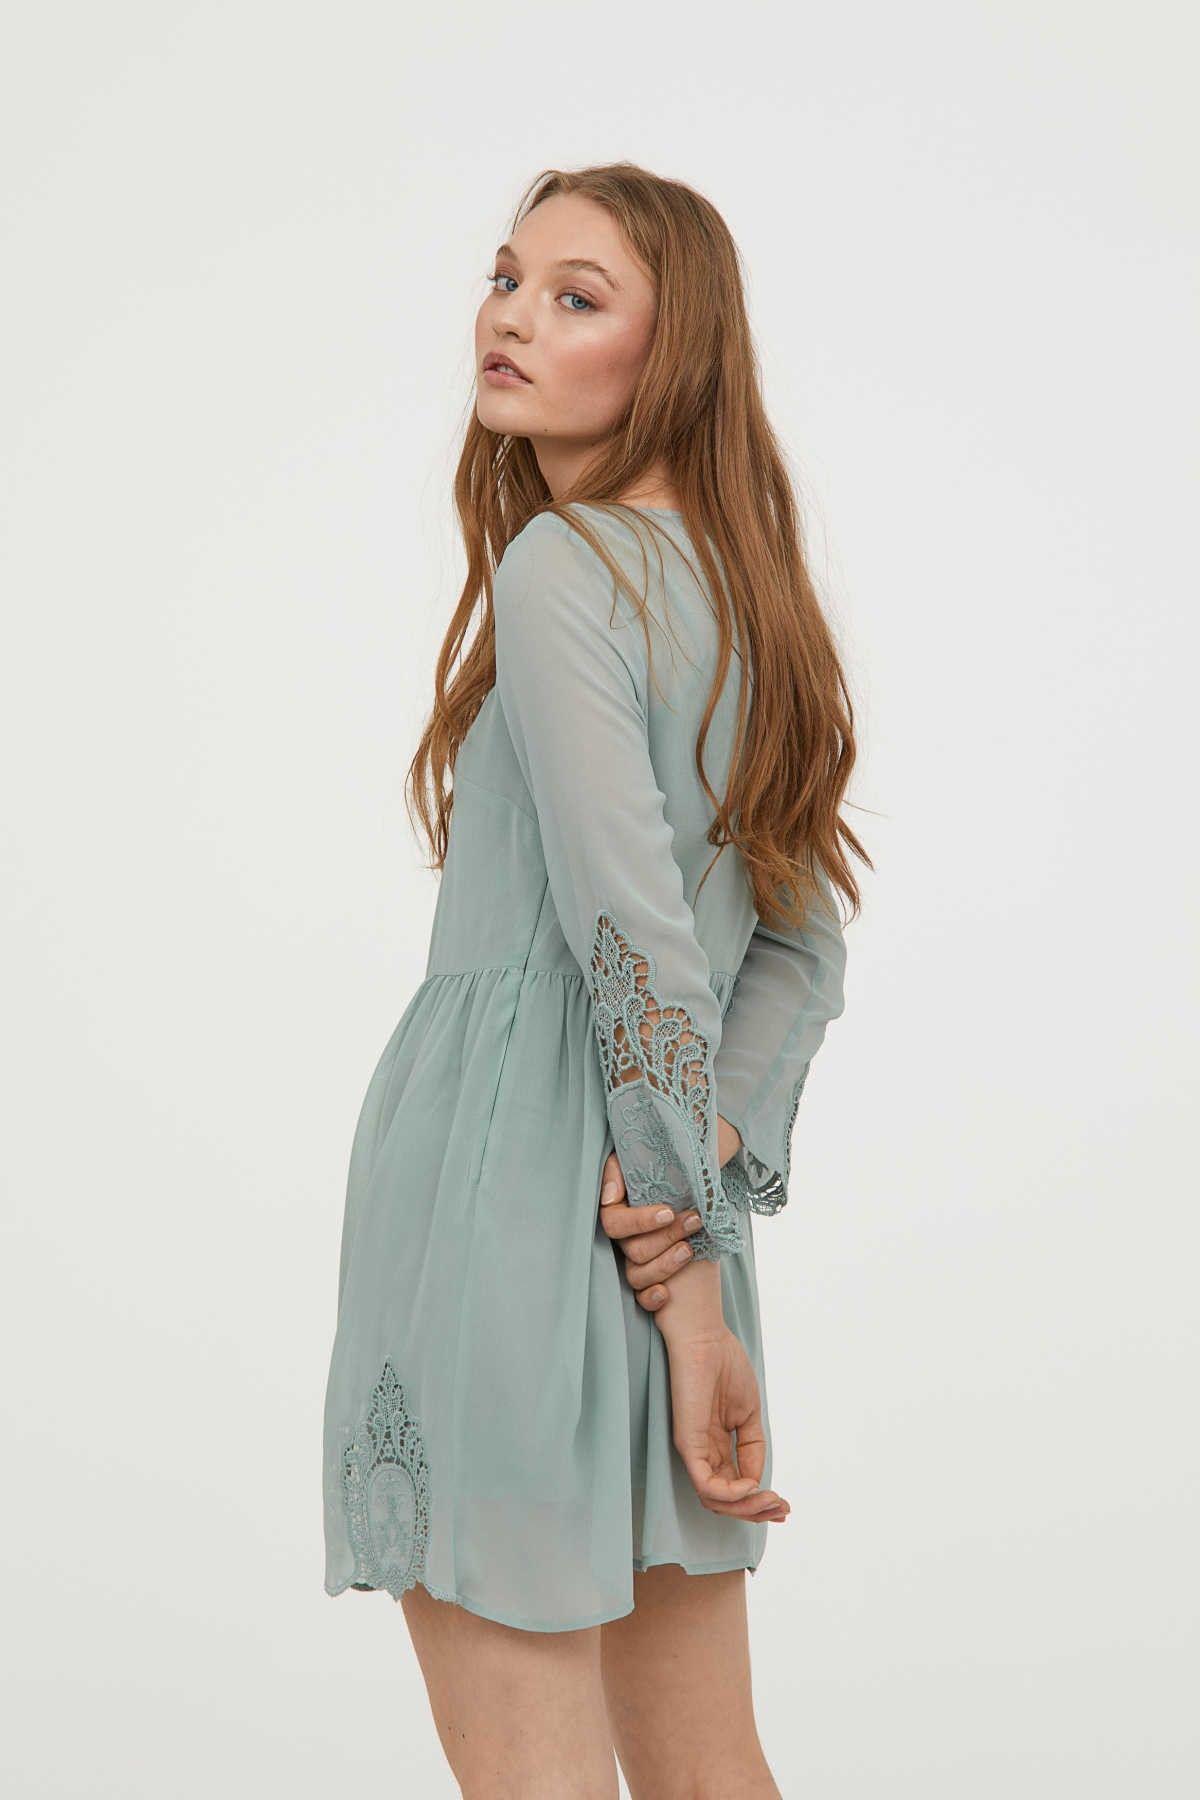 Erstaunlich H&M Online Bestellen Kleider Fotos - Bilder ...